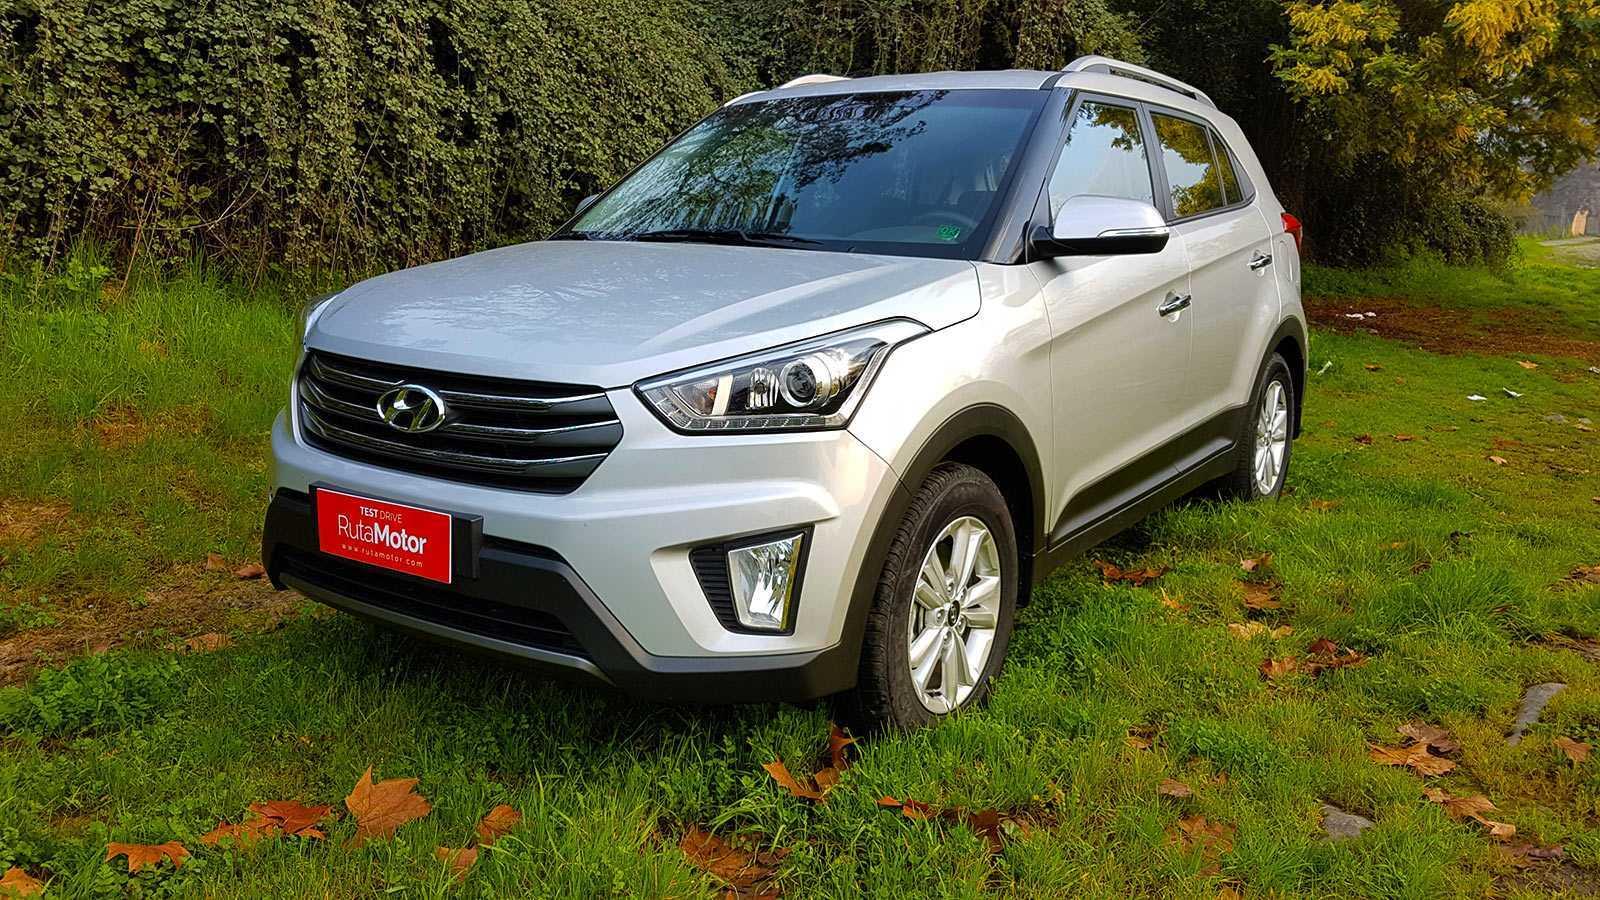 Hyundai Of El Paso >> Hyundai Creta 1.6 121 CV 6MT GLS 2017: Otro se suma al baile - Rutamotor